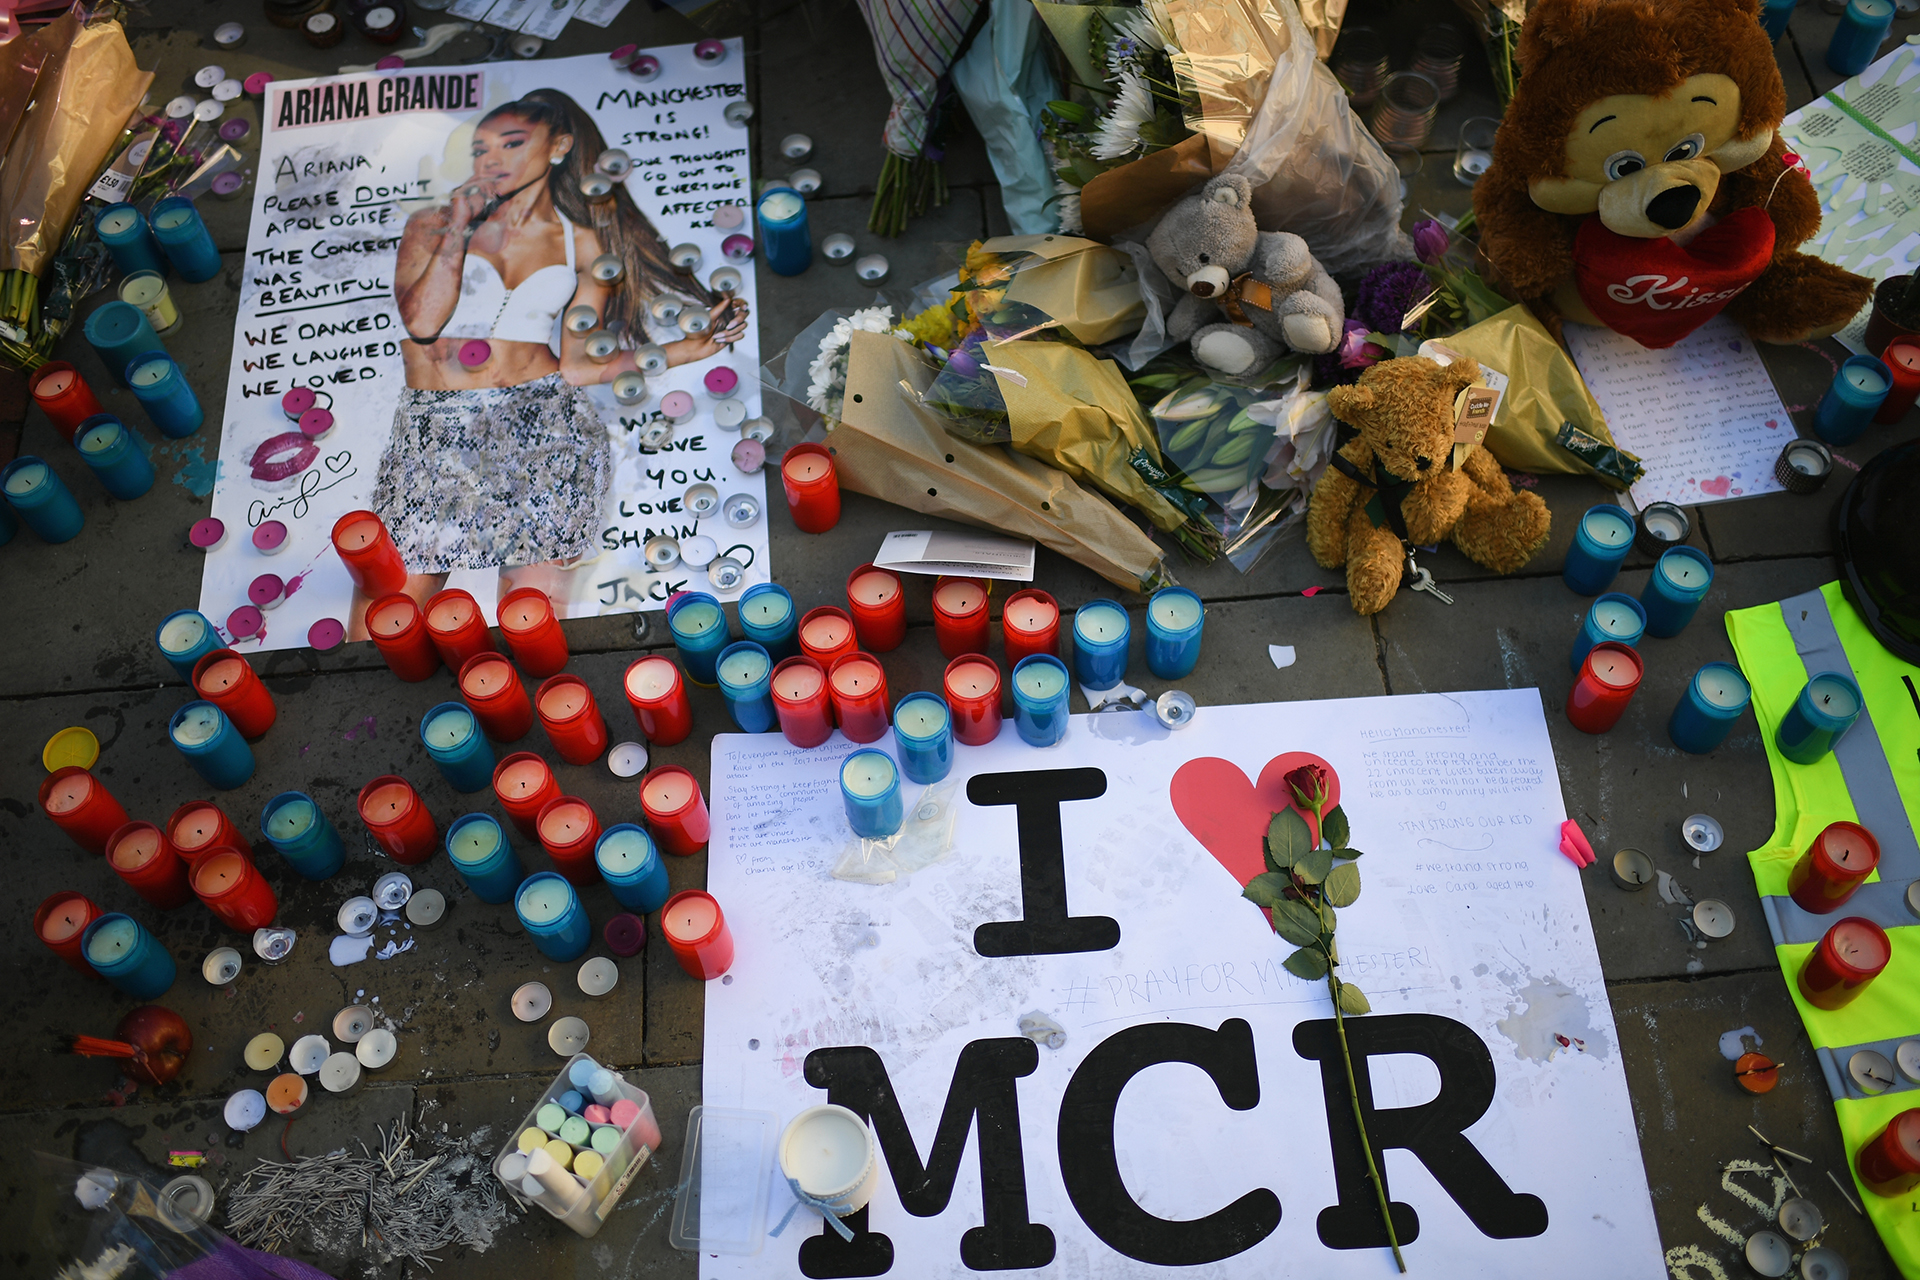 26/5 Un atentado en el Manchester Arena durante un recital de Ariana Grande deja 22 muertos y decenas de heridos. .